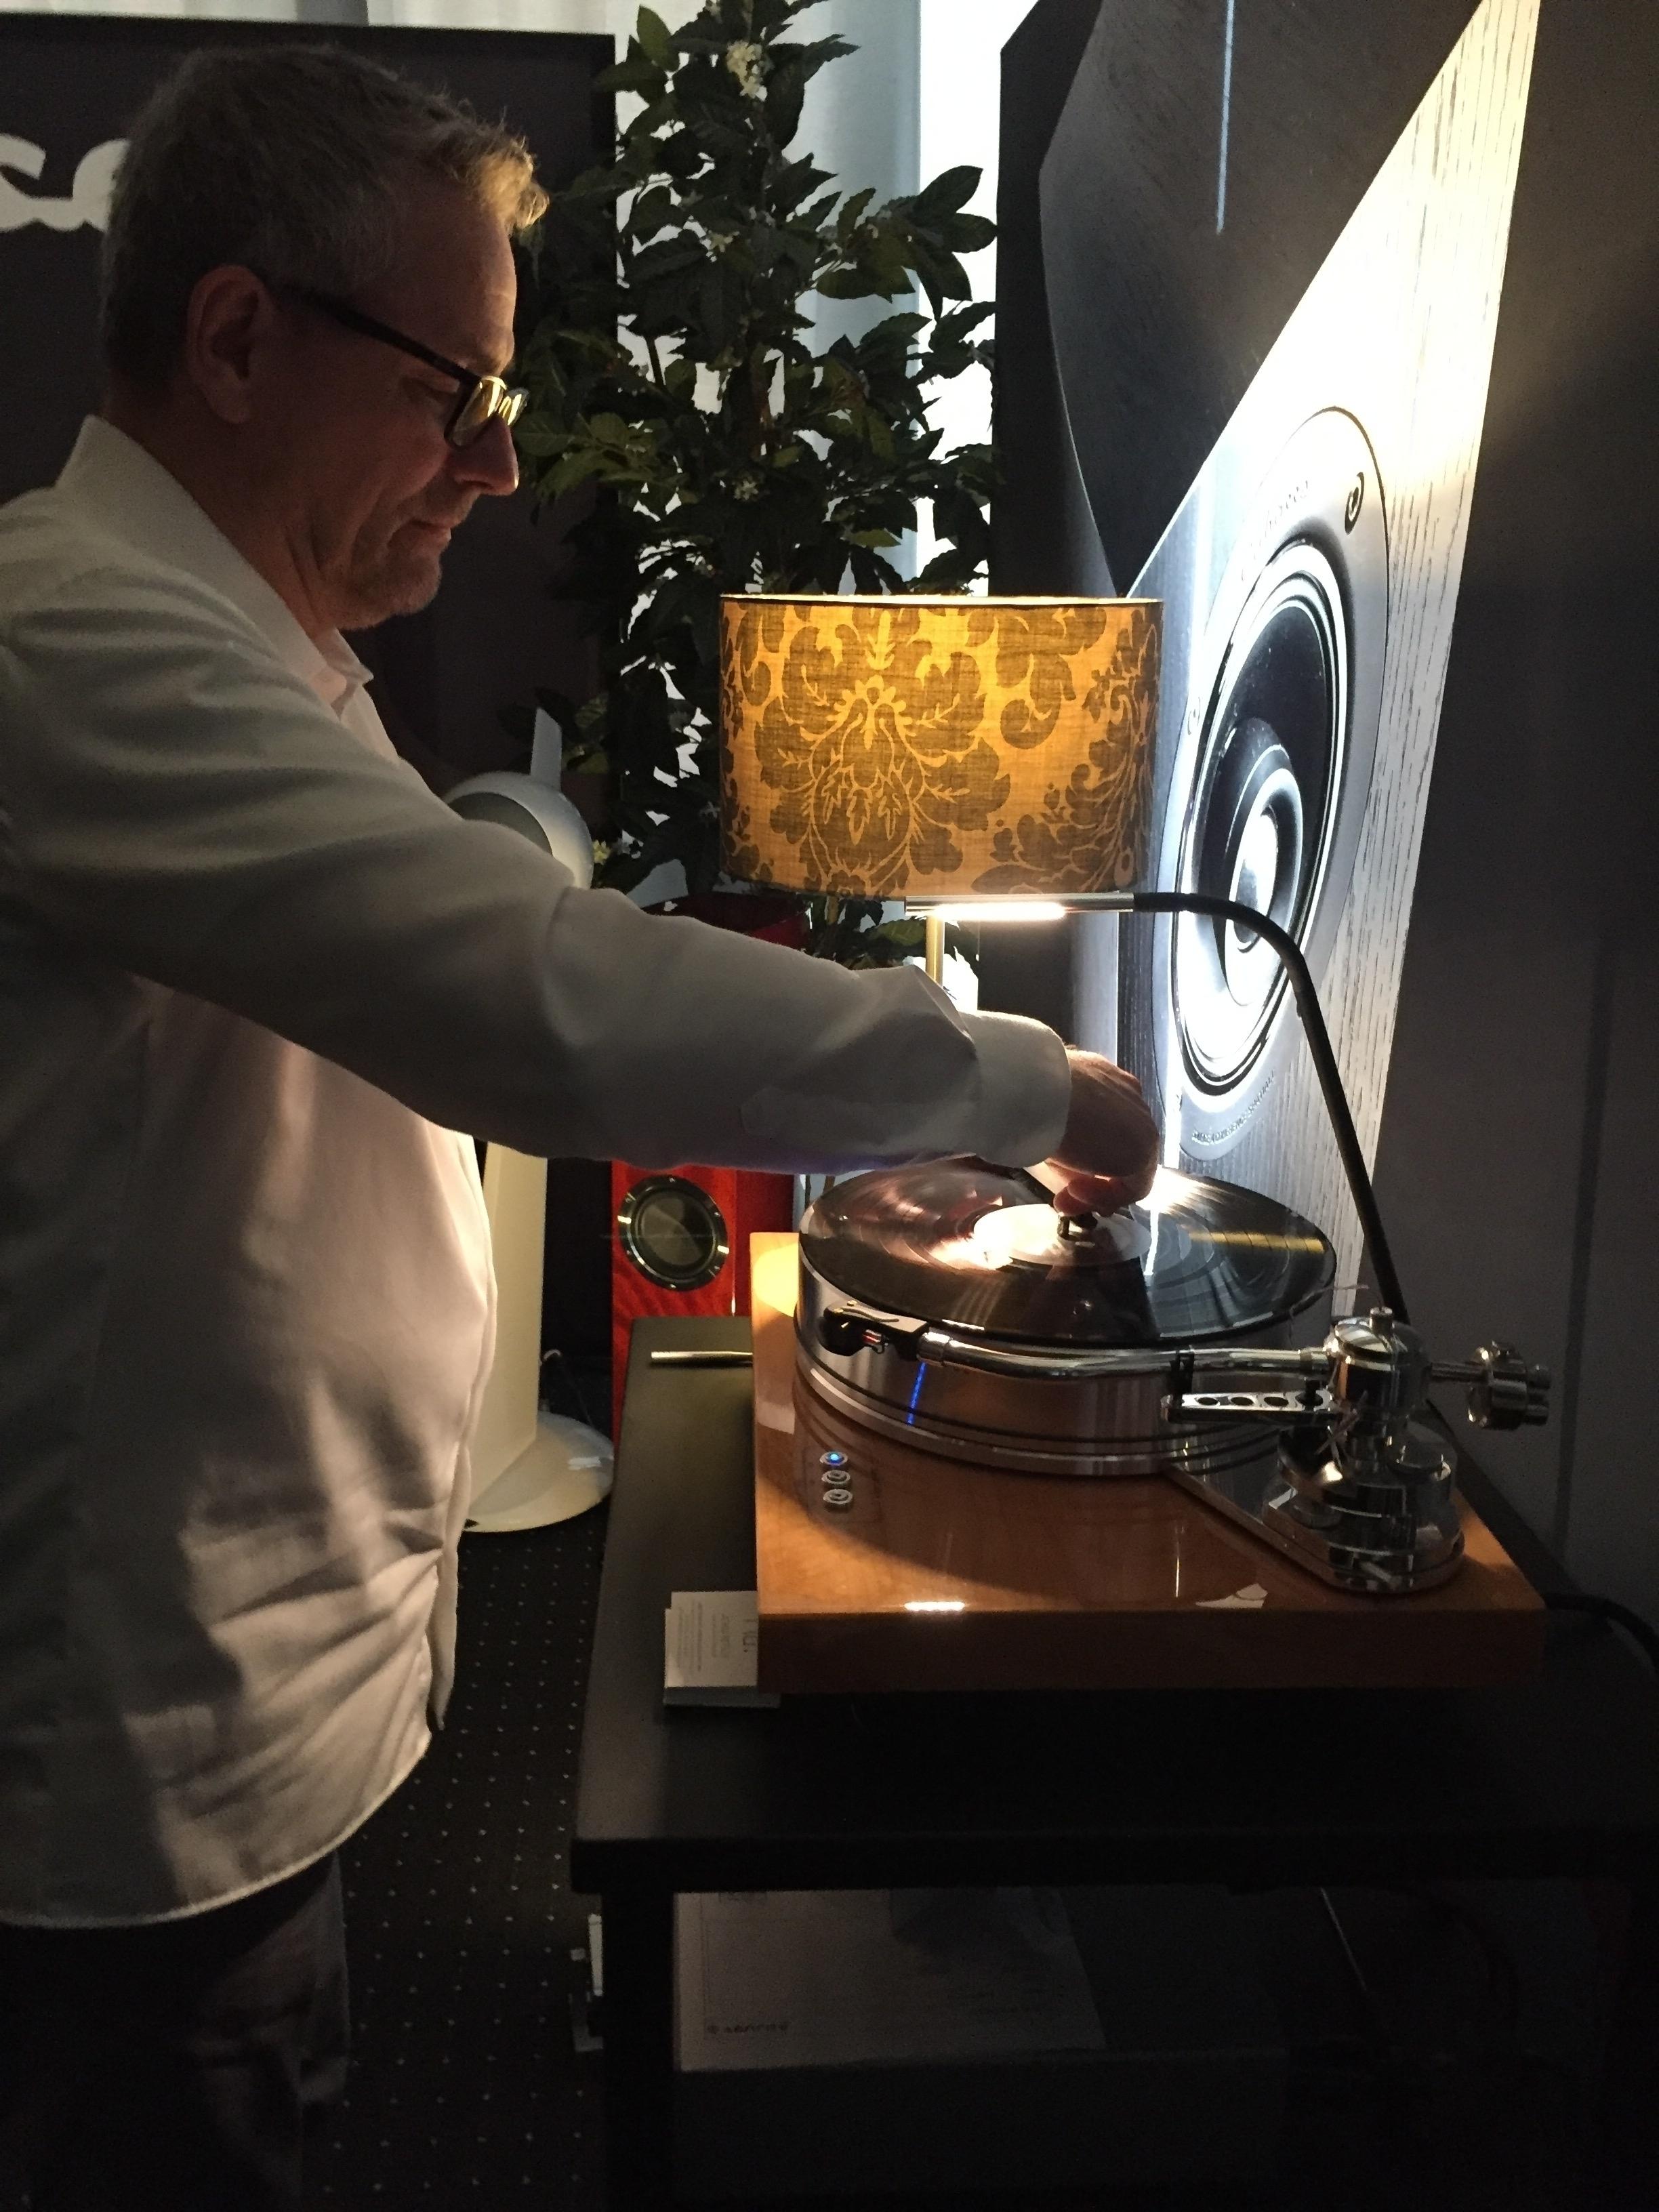 Staub, der natürliche Feind des Vinyl-Fans. Achim Pietsch von Cabasse hat sich mit der Carbonfaserbürste bewaffnet.